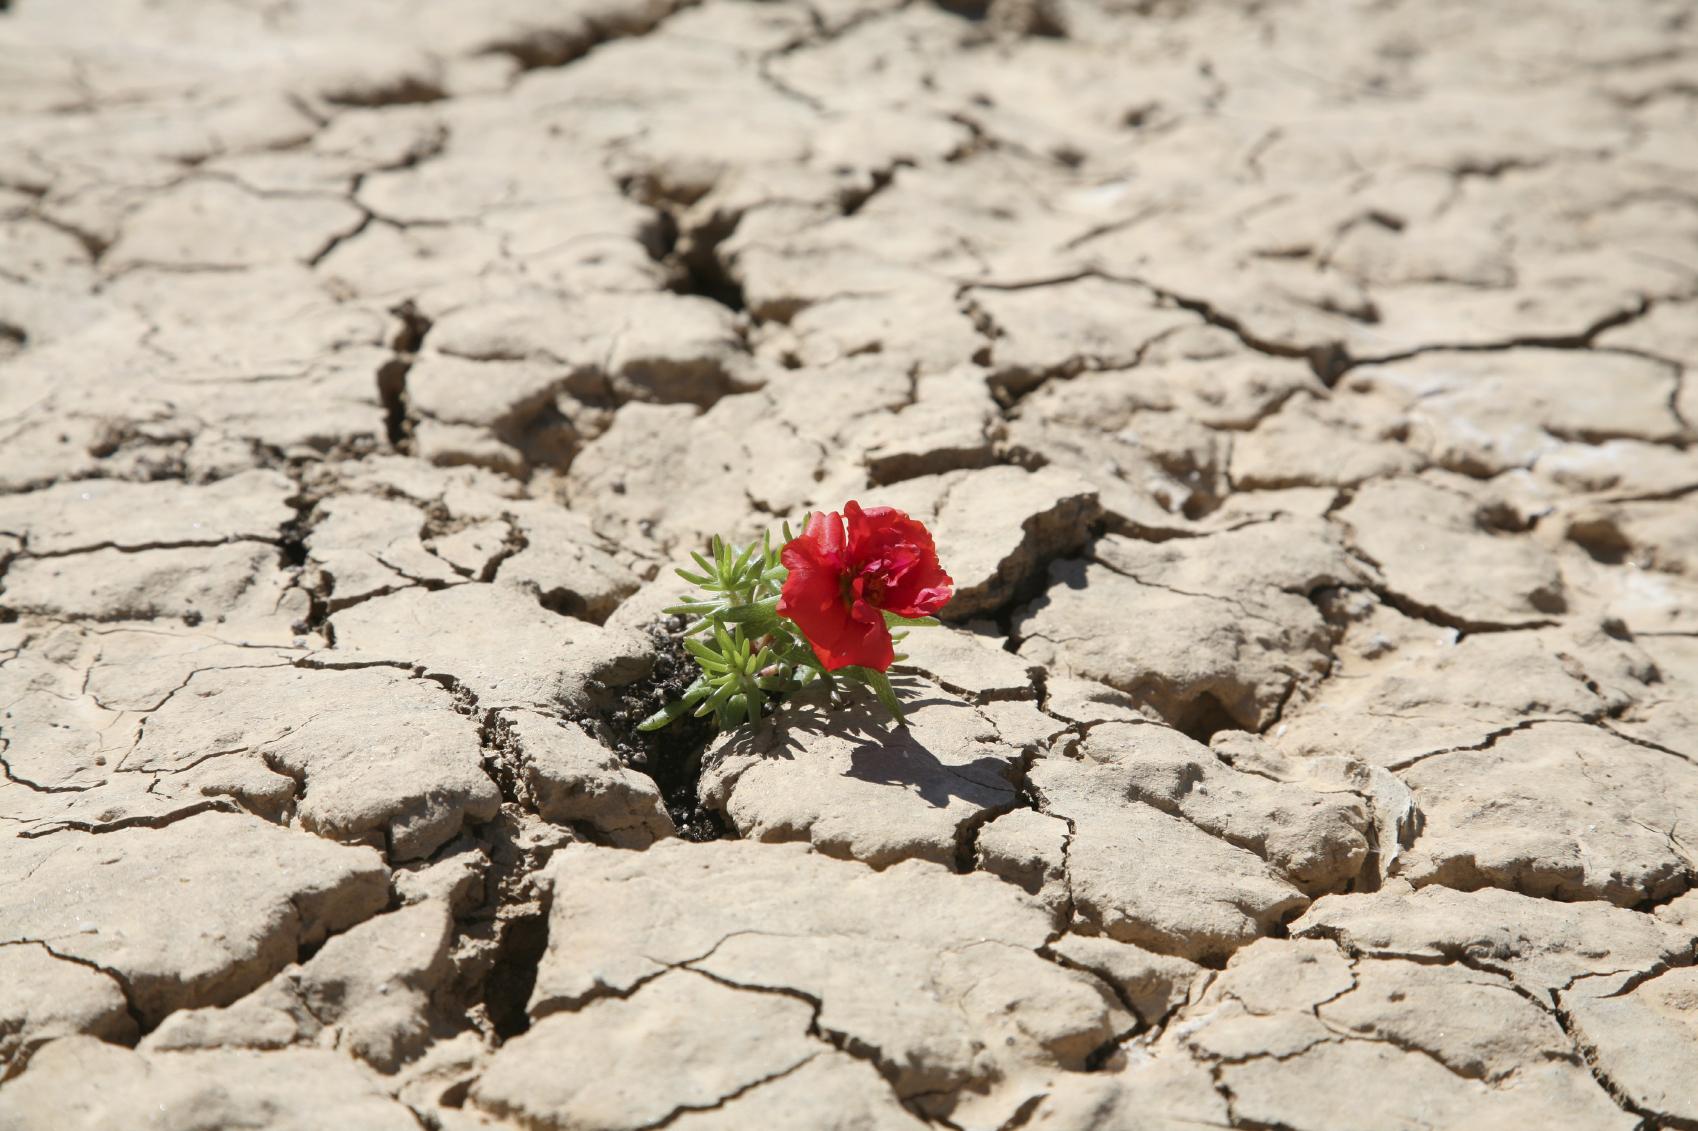 https://i1.wp.com/www.matthewfranklinjones.com/wp-content/uploads/2014/07/istock_flower_in_desert_med.jpg